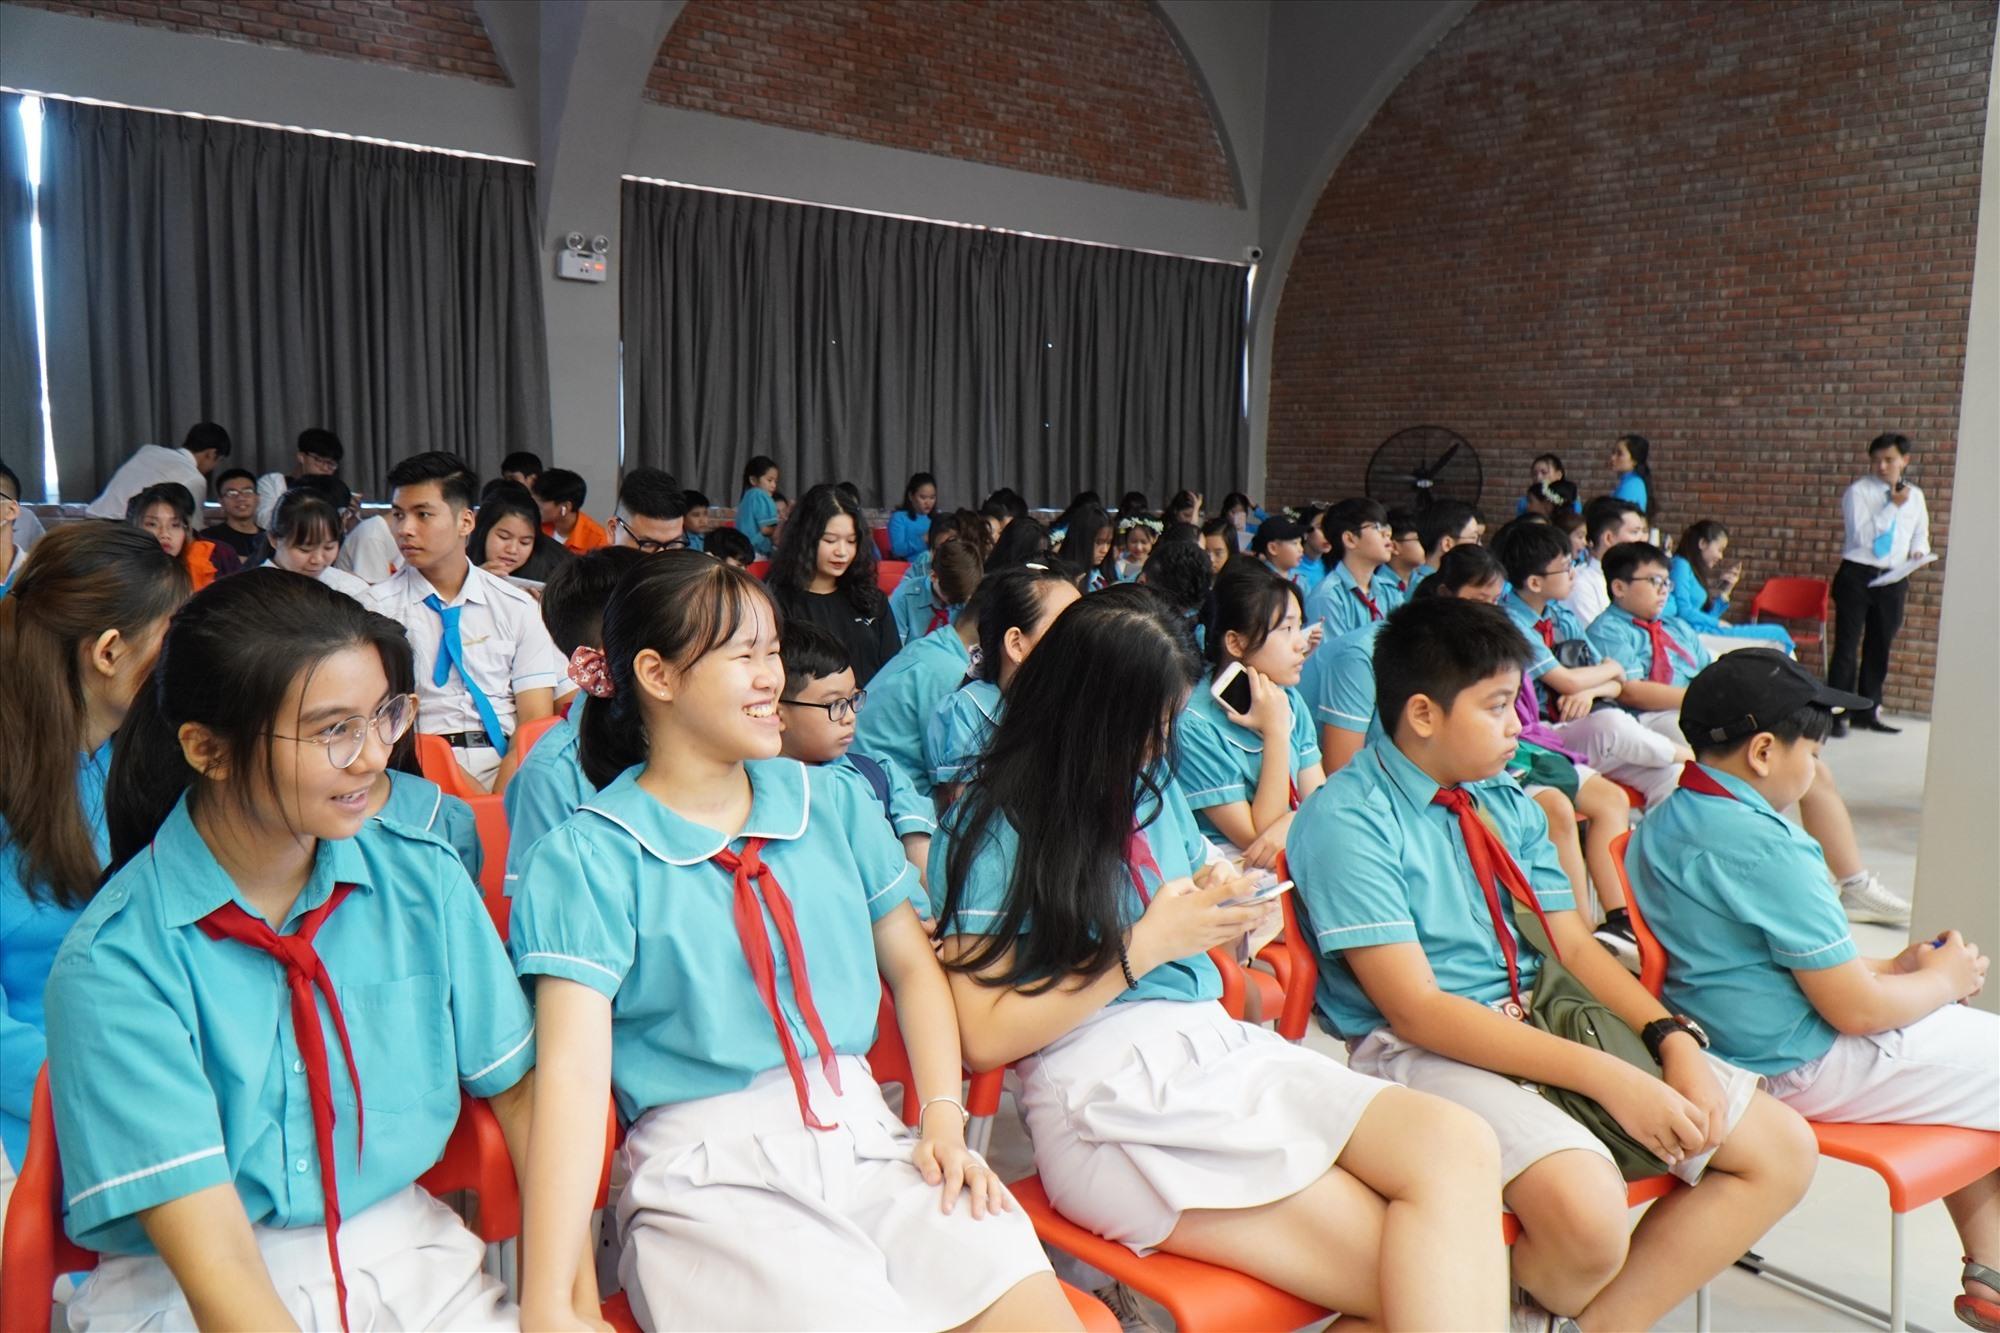 Học sinh Sky Line dự Lễ kỷ niệm 10 năm thành lập Hệ thống giáo dục Sky Line. Ảnh NTB